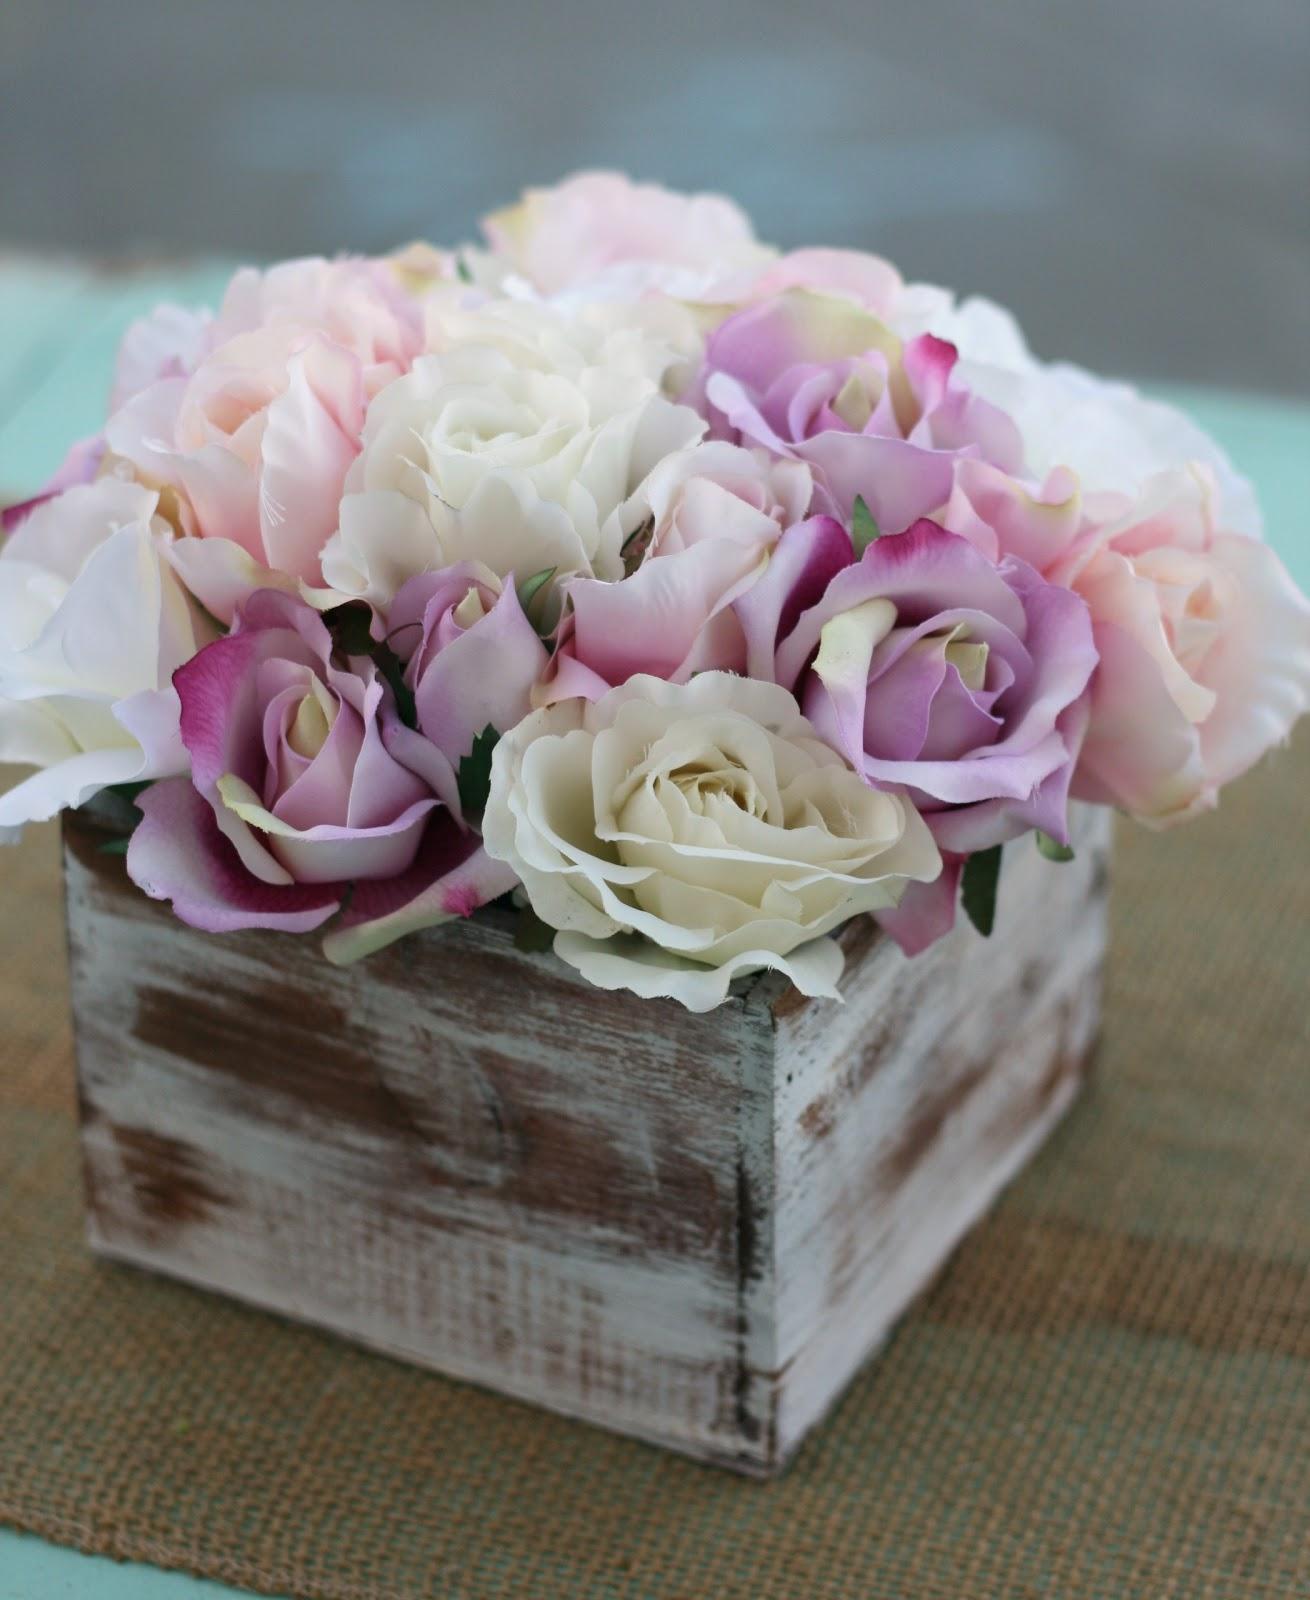 Decorazioni floreali shabby chic per la casa foto for Decorazioni casa online